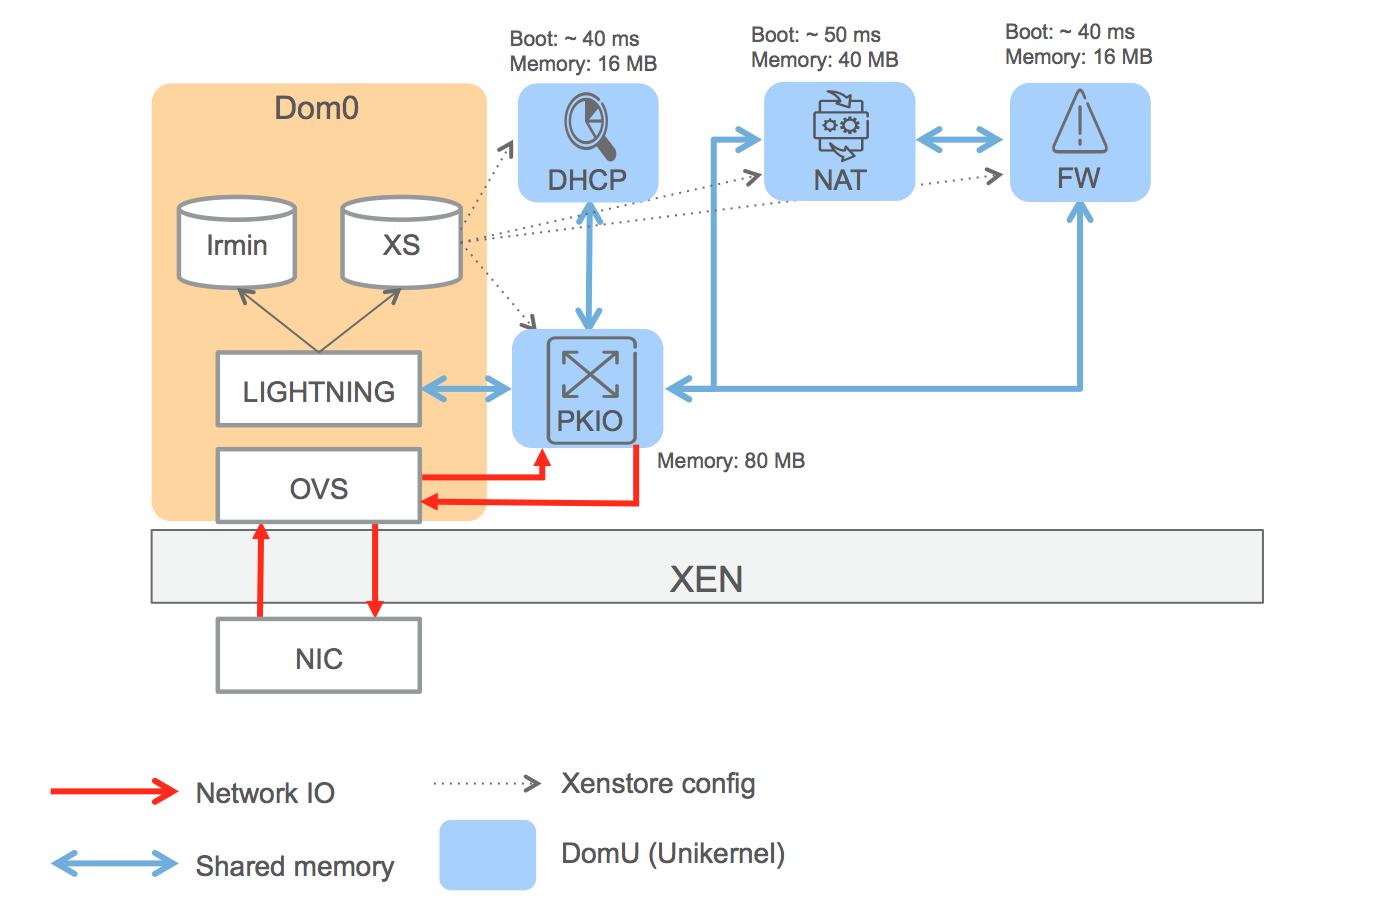 Unikernel NFV PoC platform